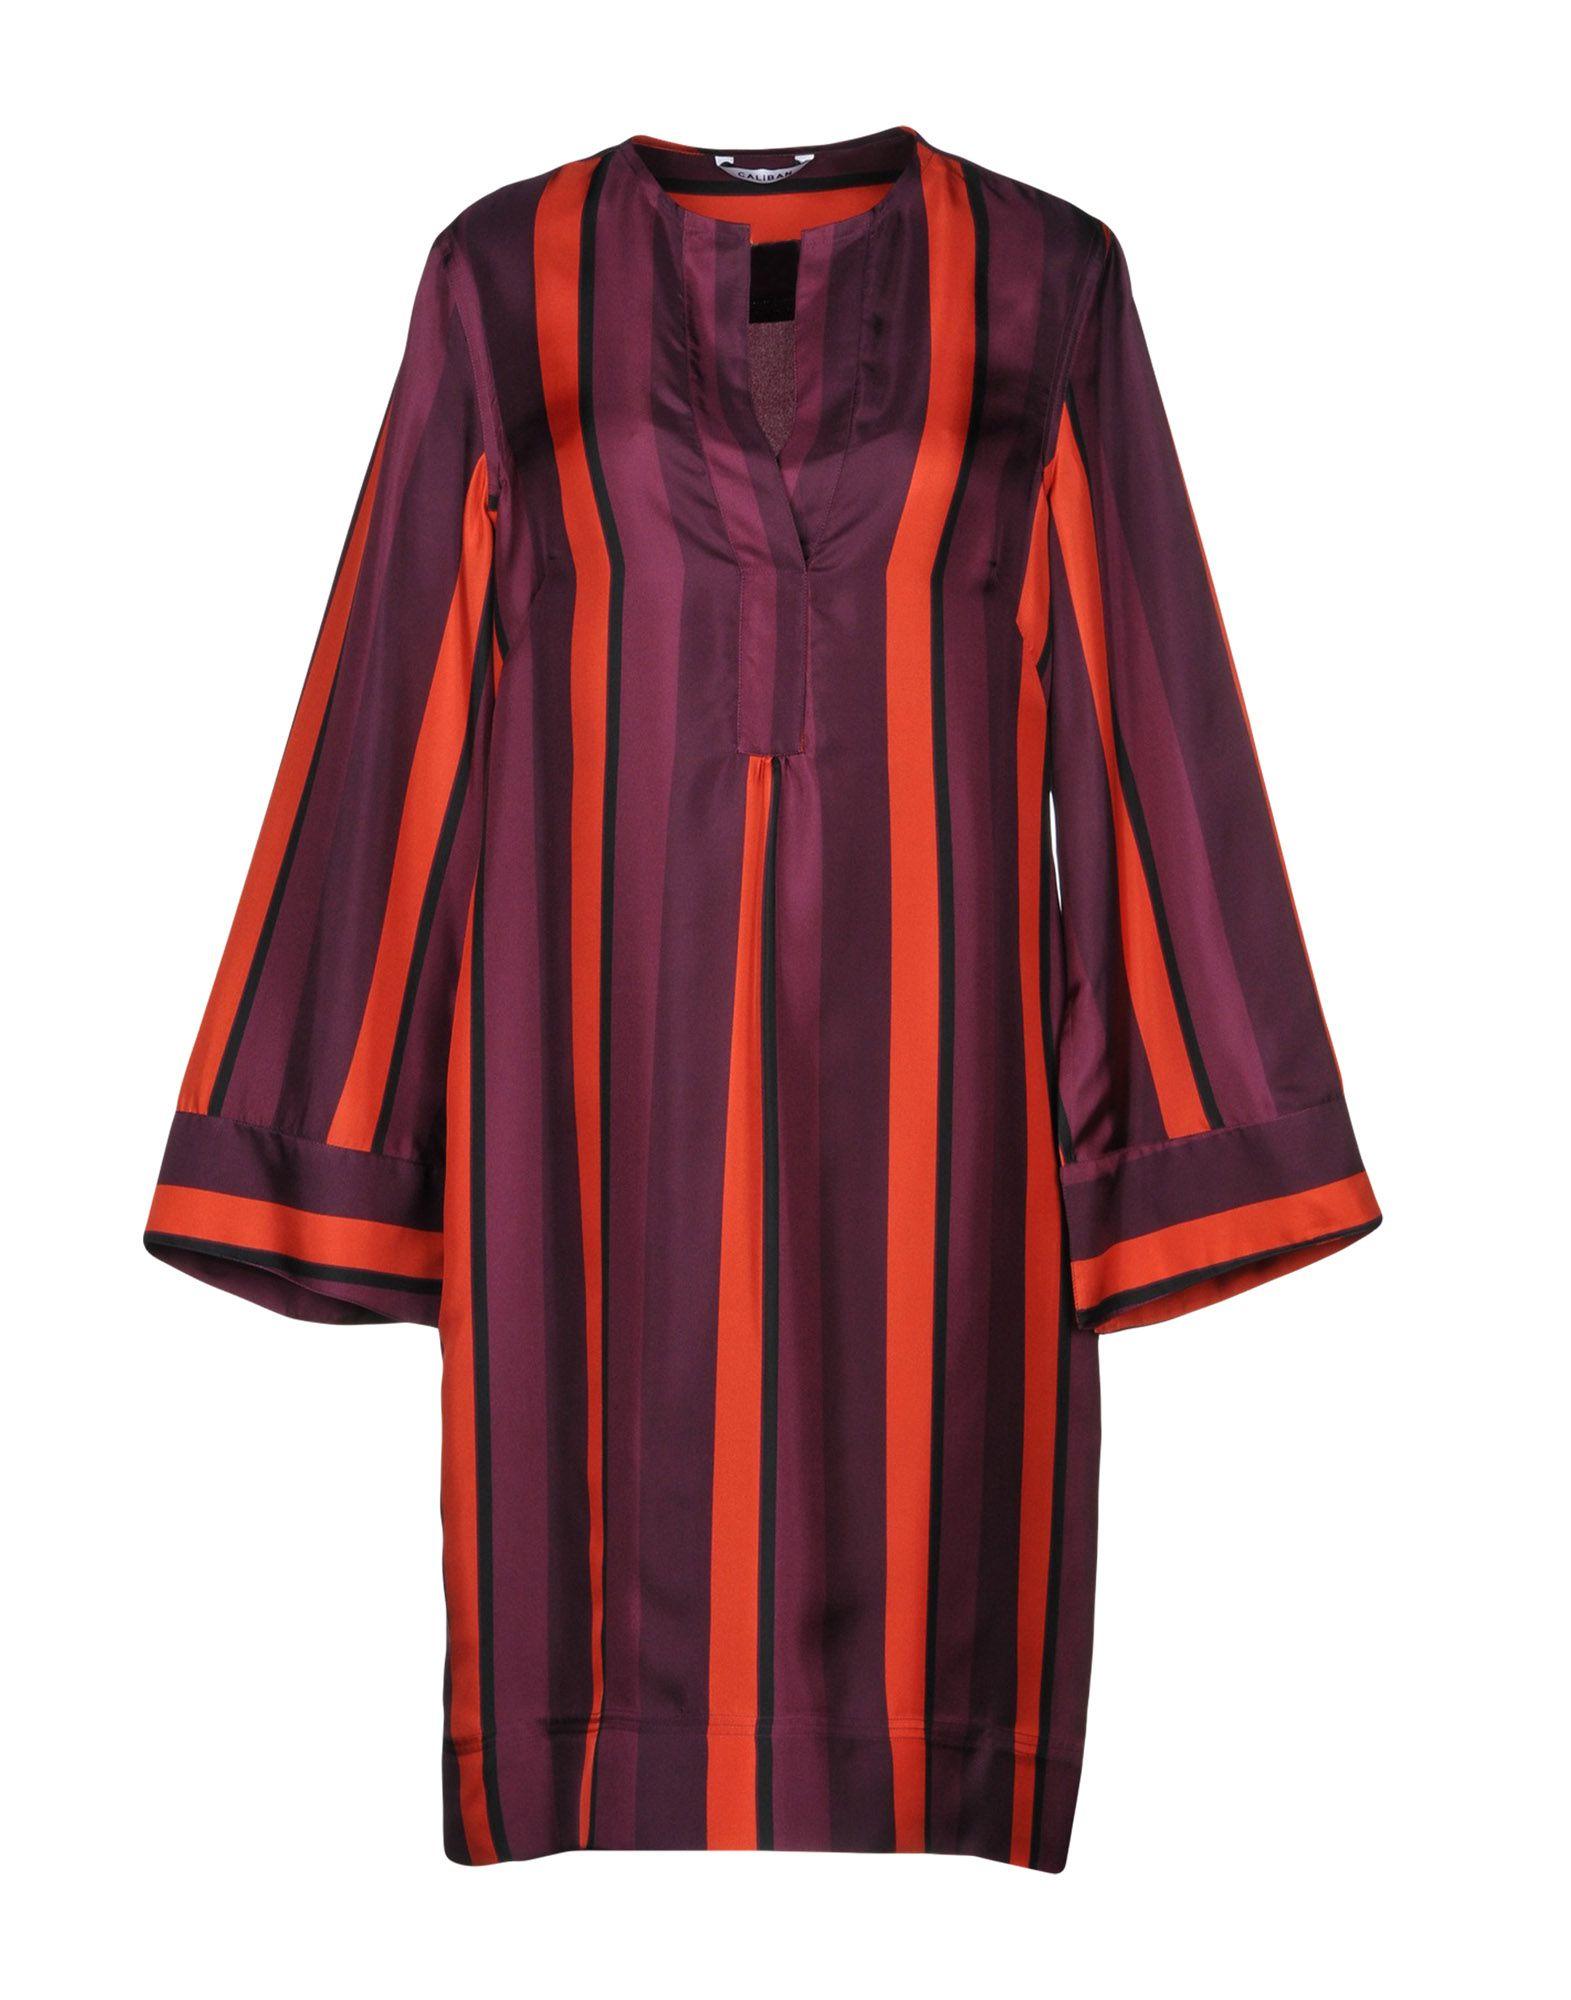 Vestito Chemisier Caliban Donna - Acquista online su Xlt4zui